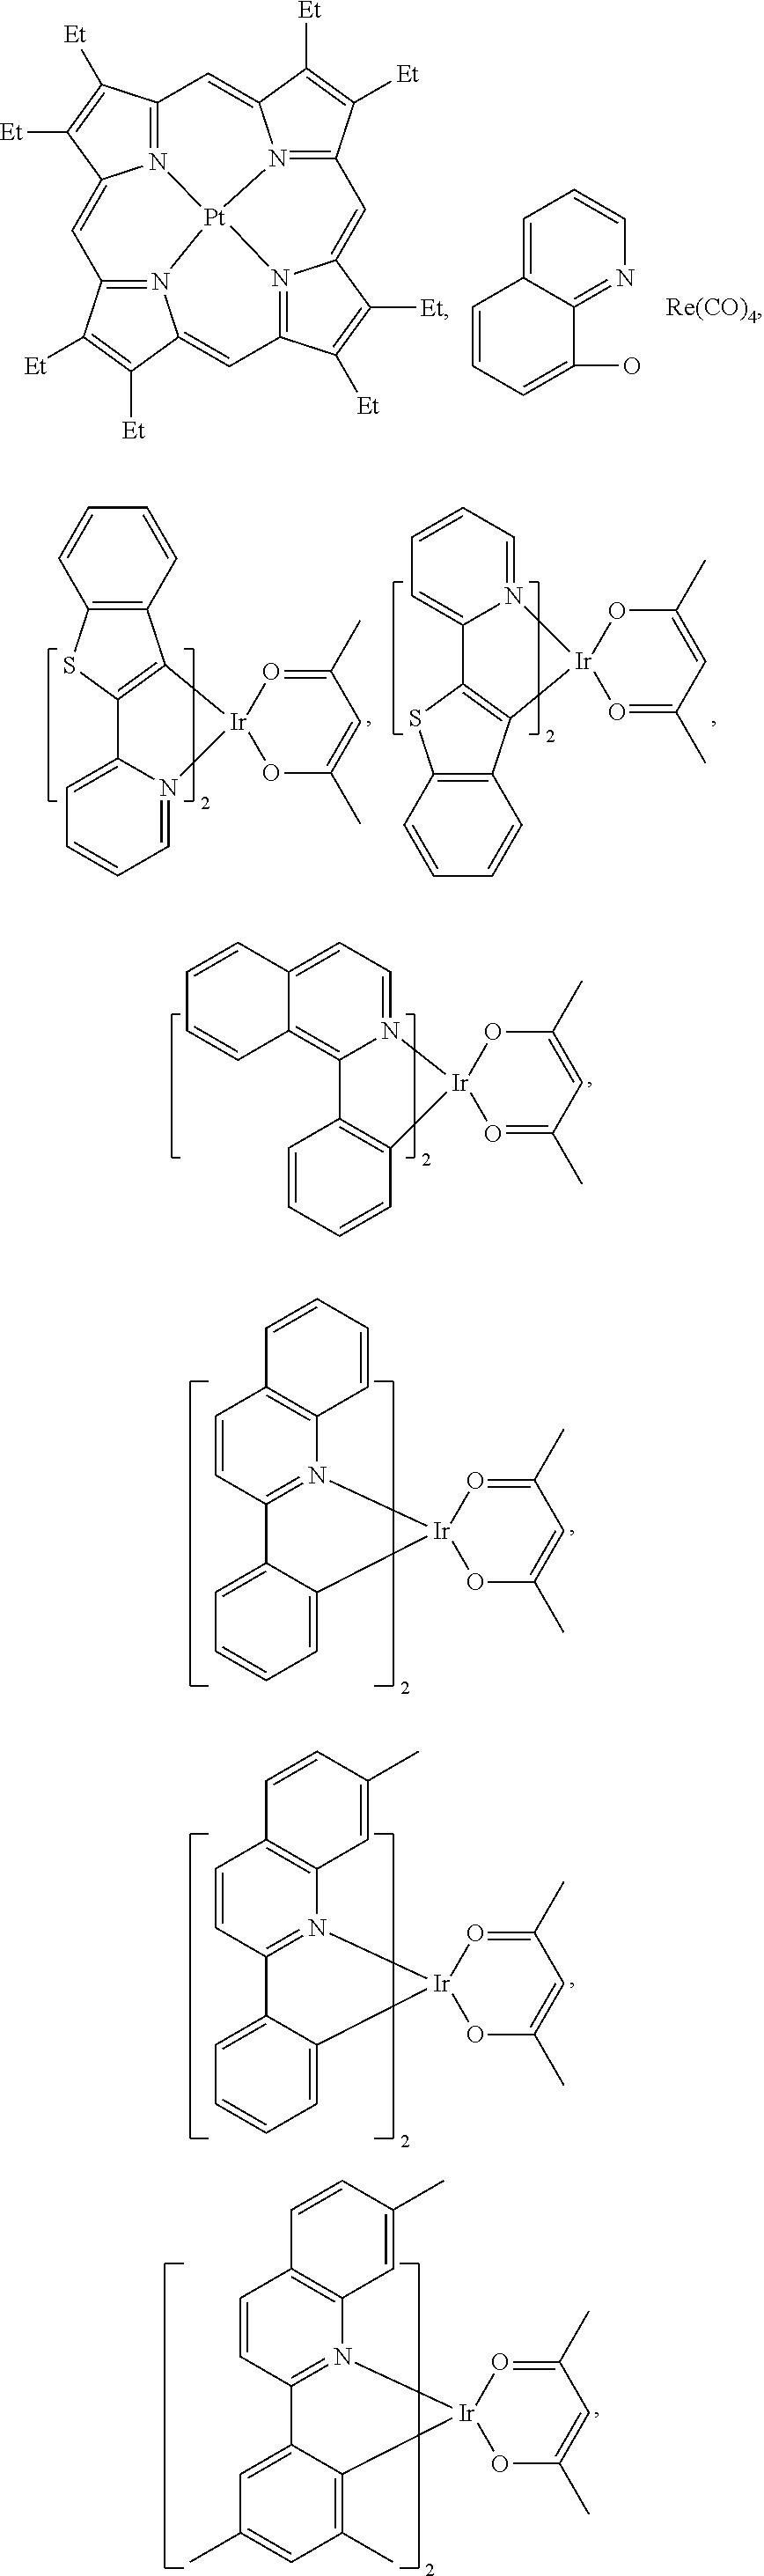 Figure US09978956-20180522-C00072